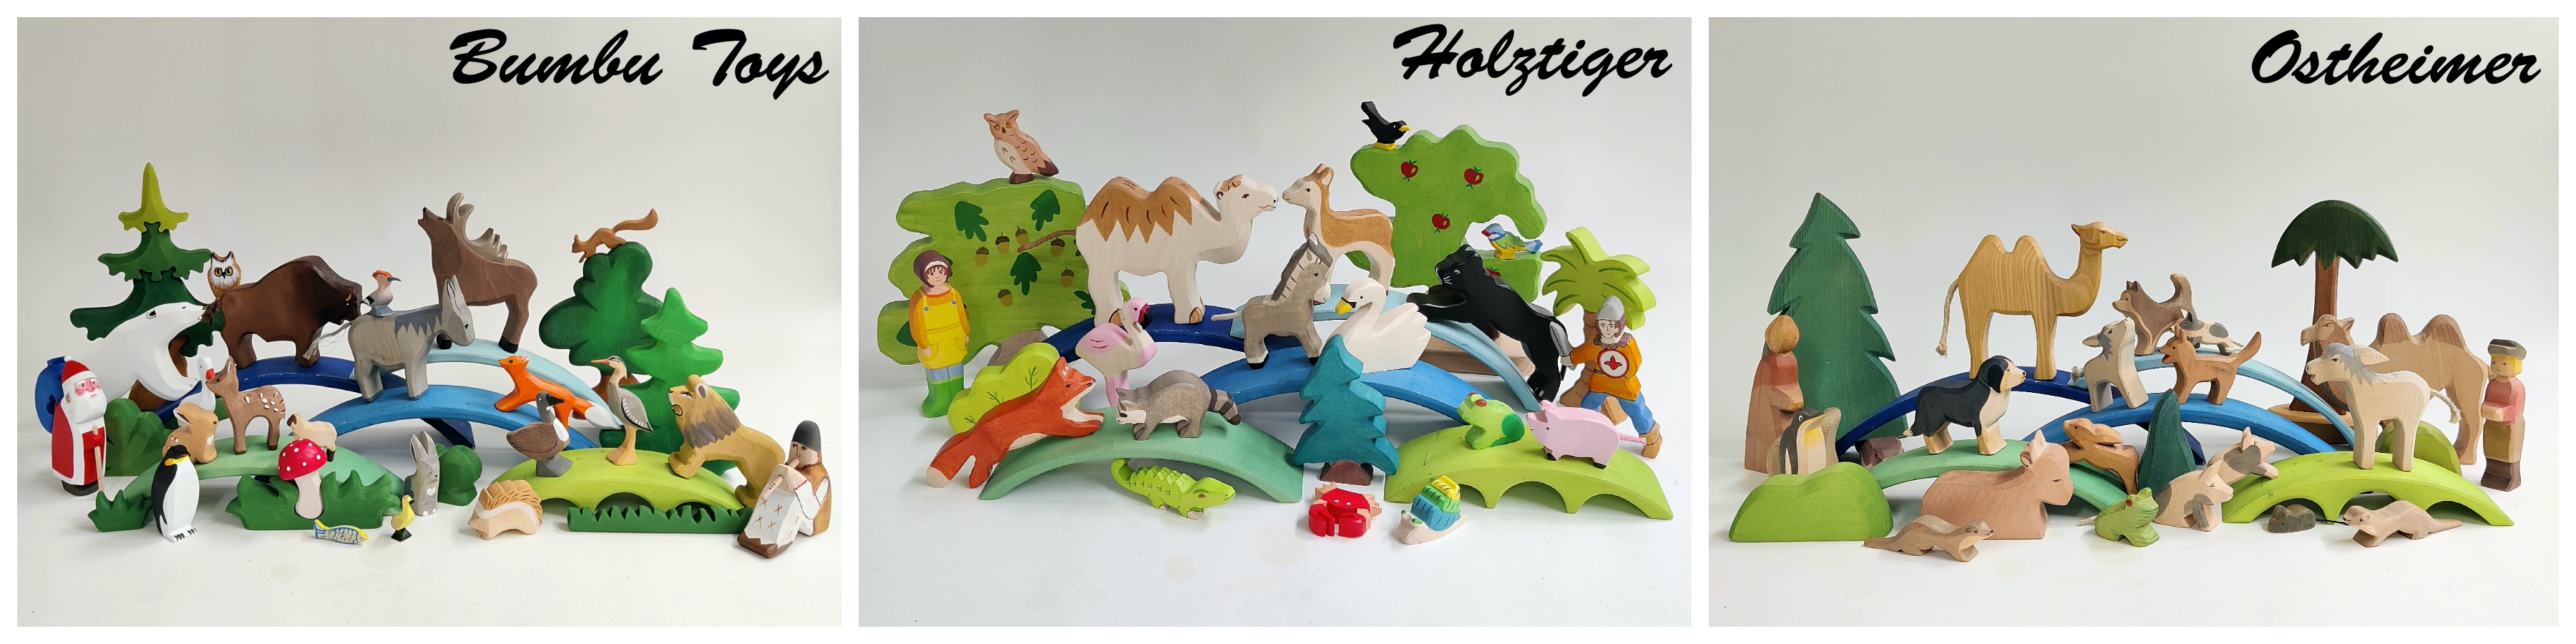 Ostheimer, Holztiger, Bumbu Toys